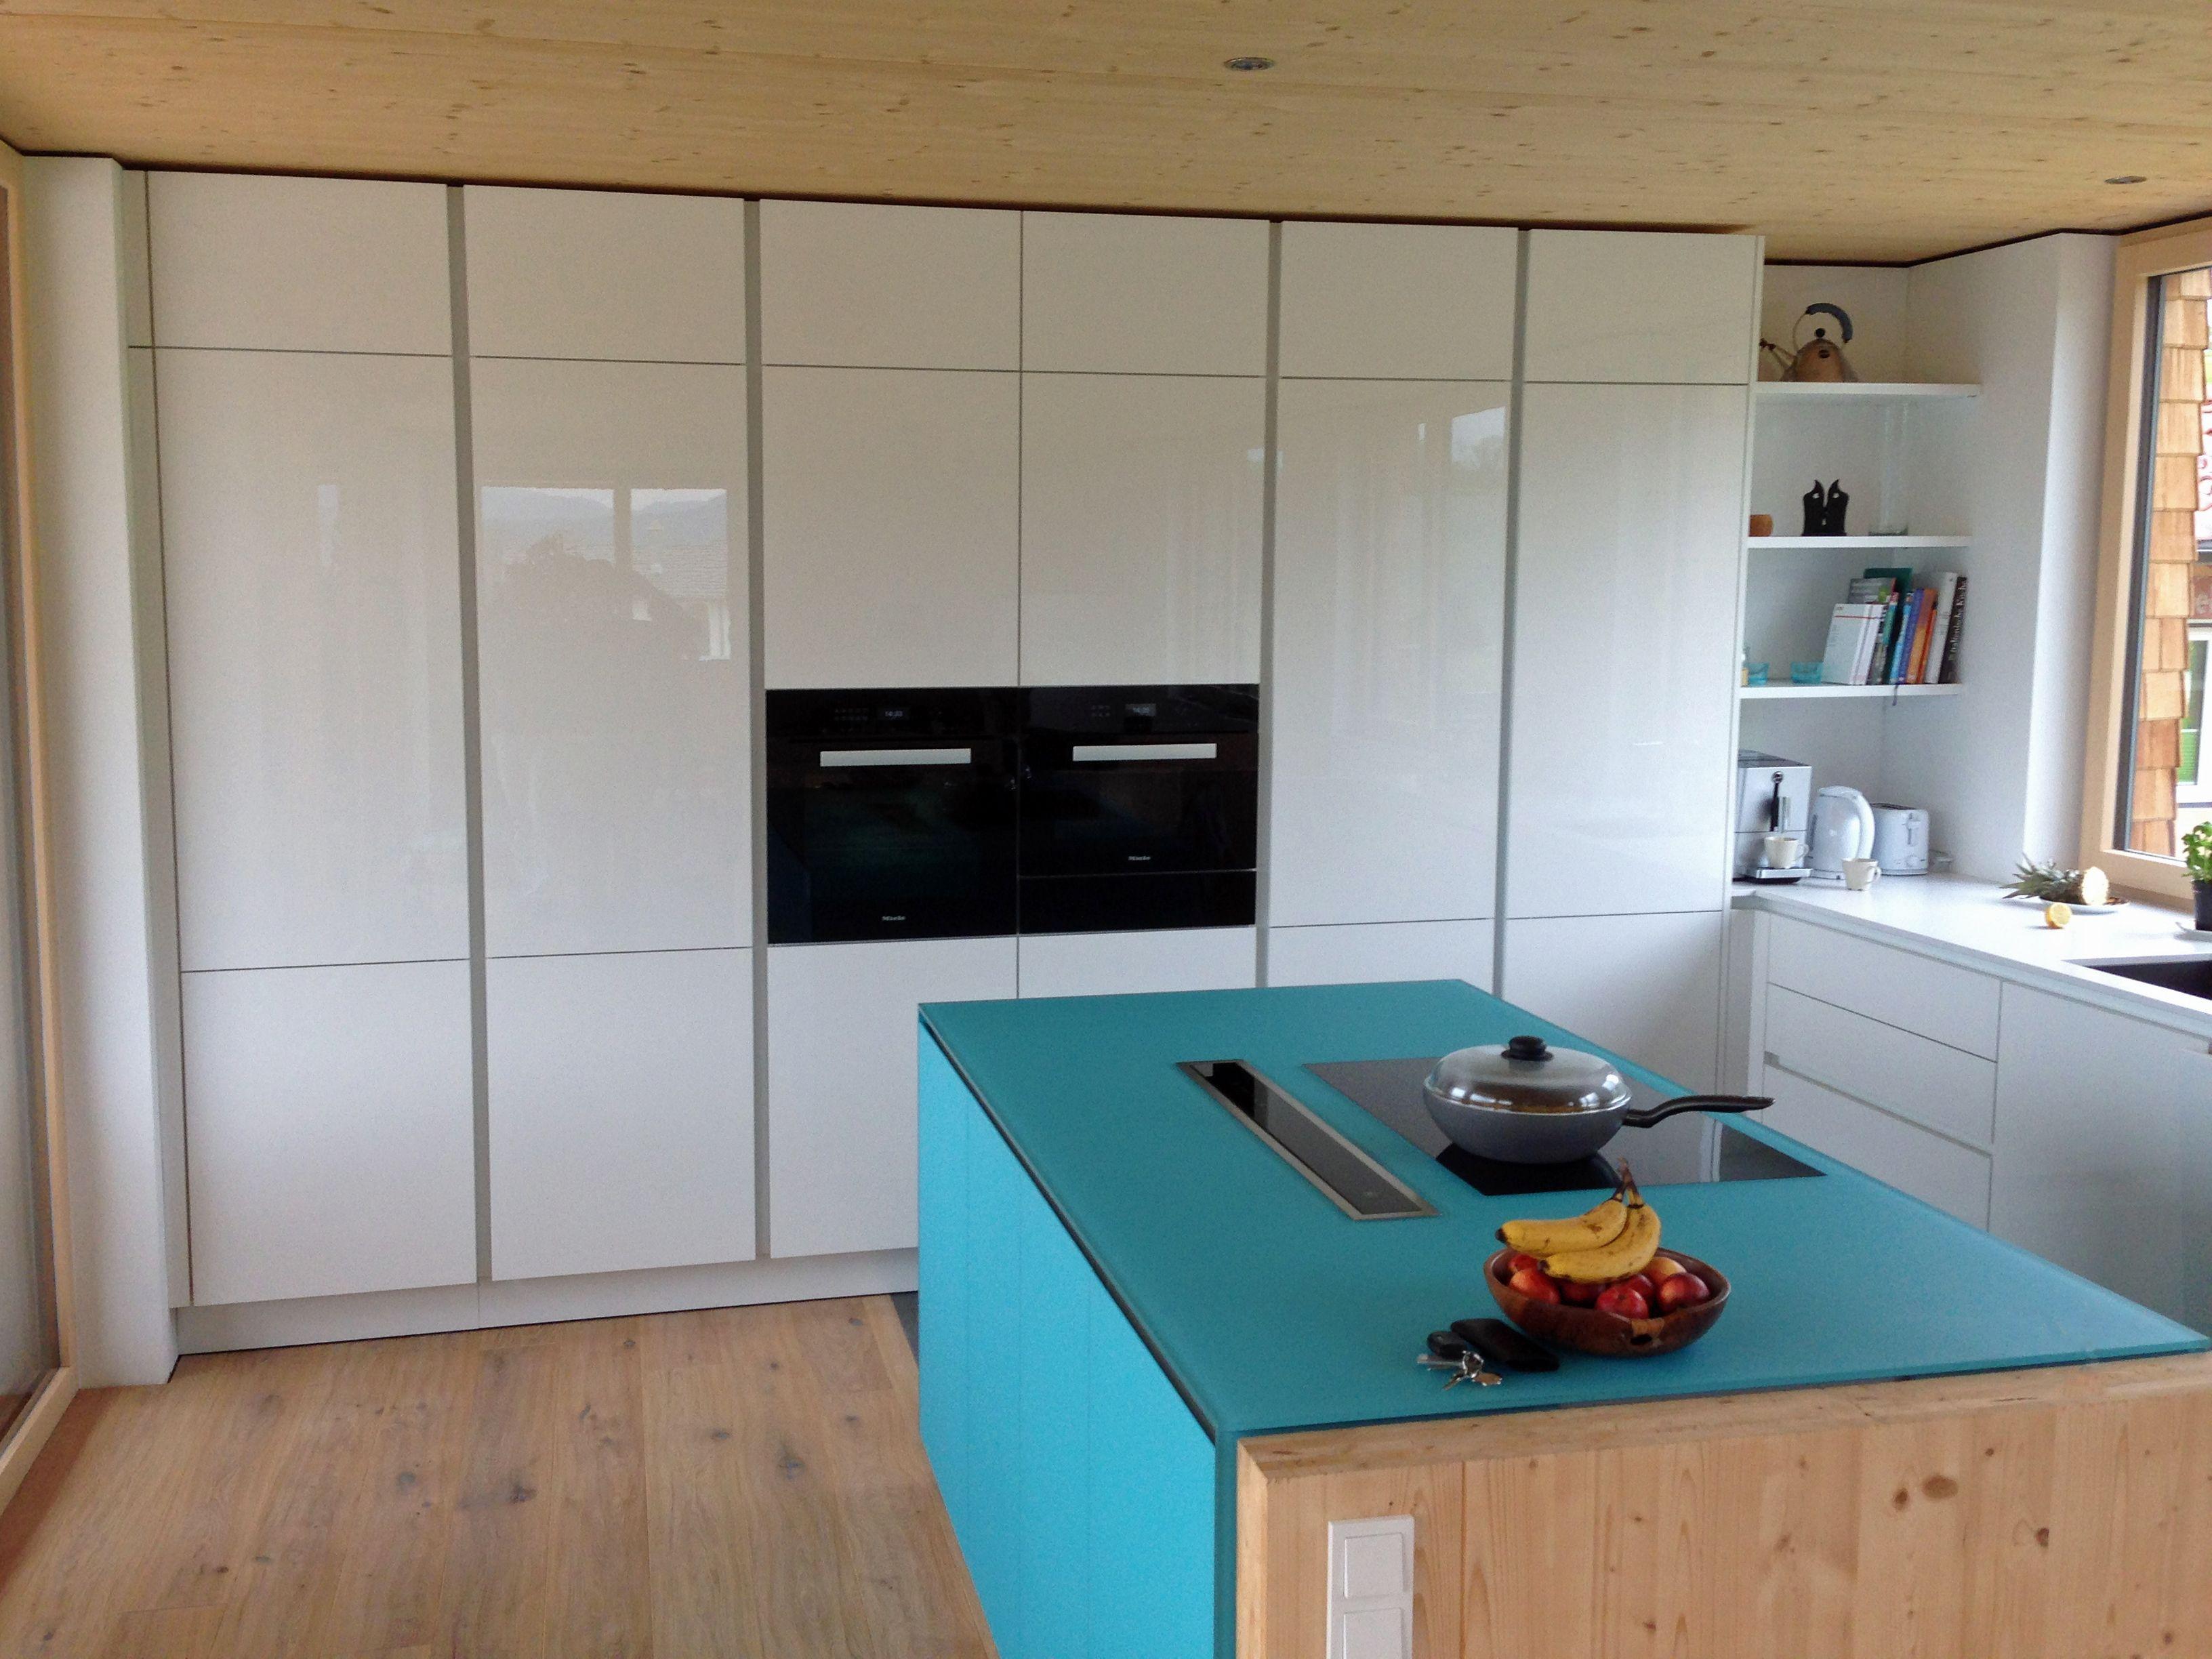 Schwab Küchen Salzburg | Offene wohnräume, Kochinsel und Abwechslung